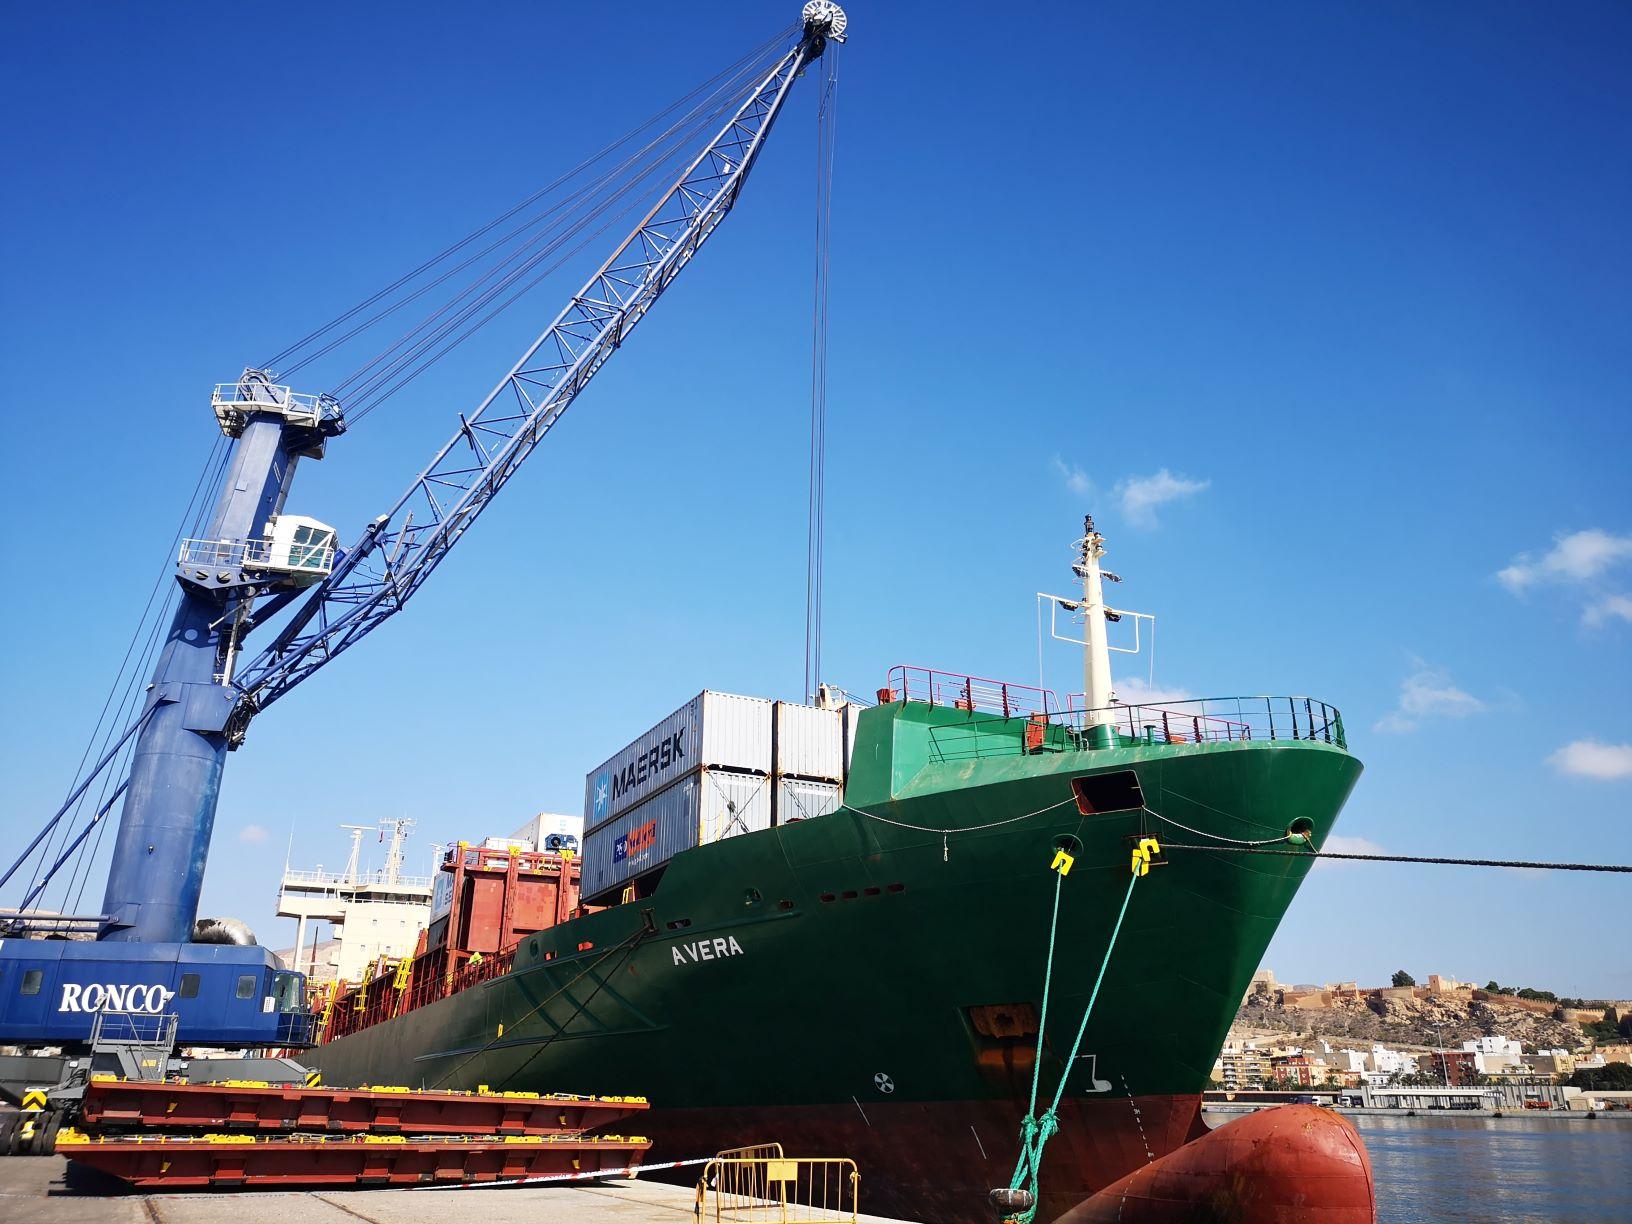 maersk_contenedores puerto almeria 2